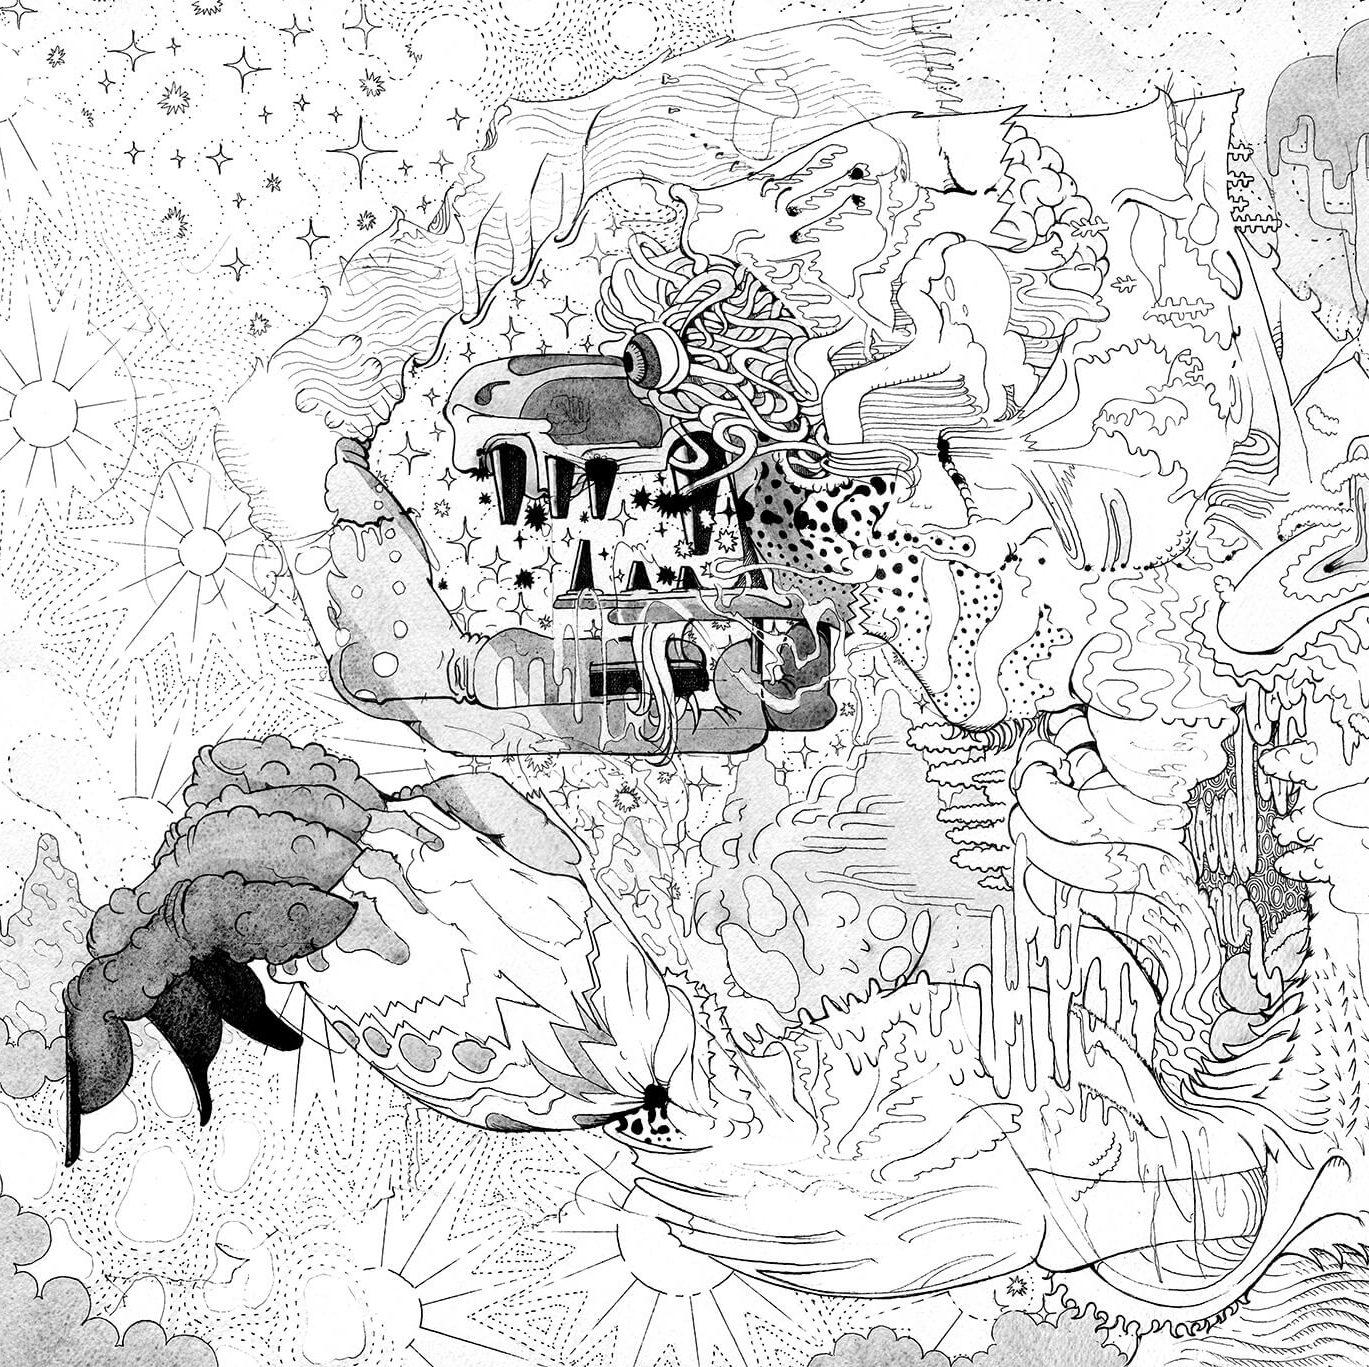 白猿 -White Monkey- | Ink and Acrylic on paper 404×558 (mm) 2014